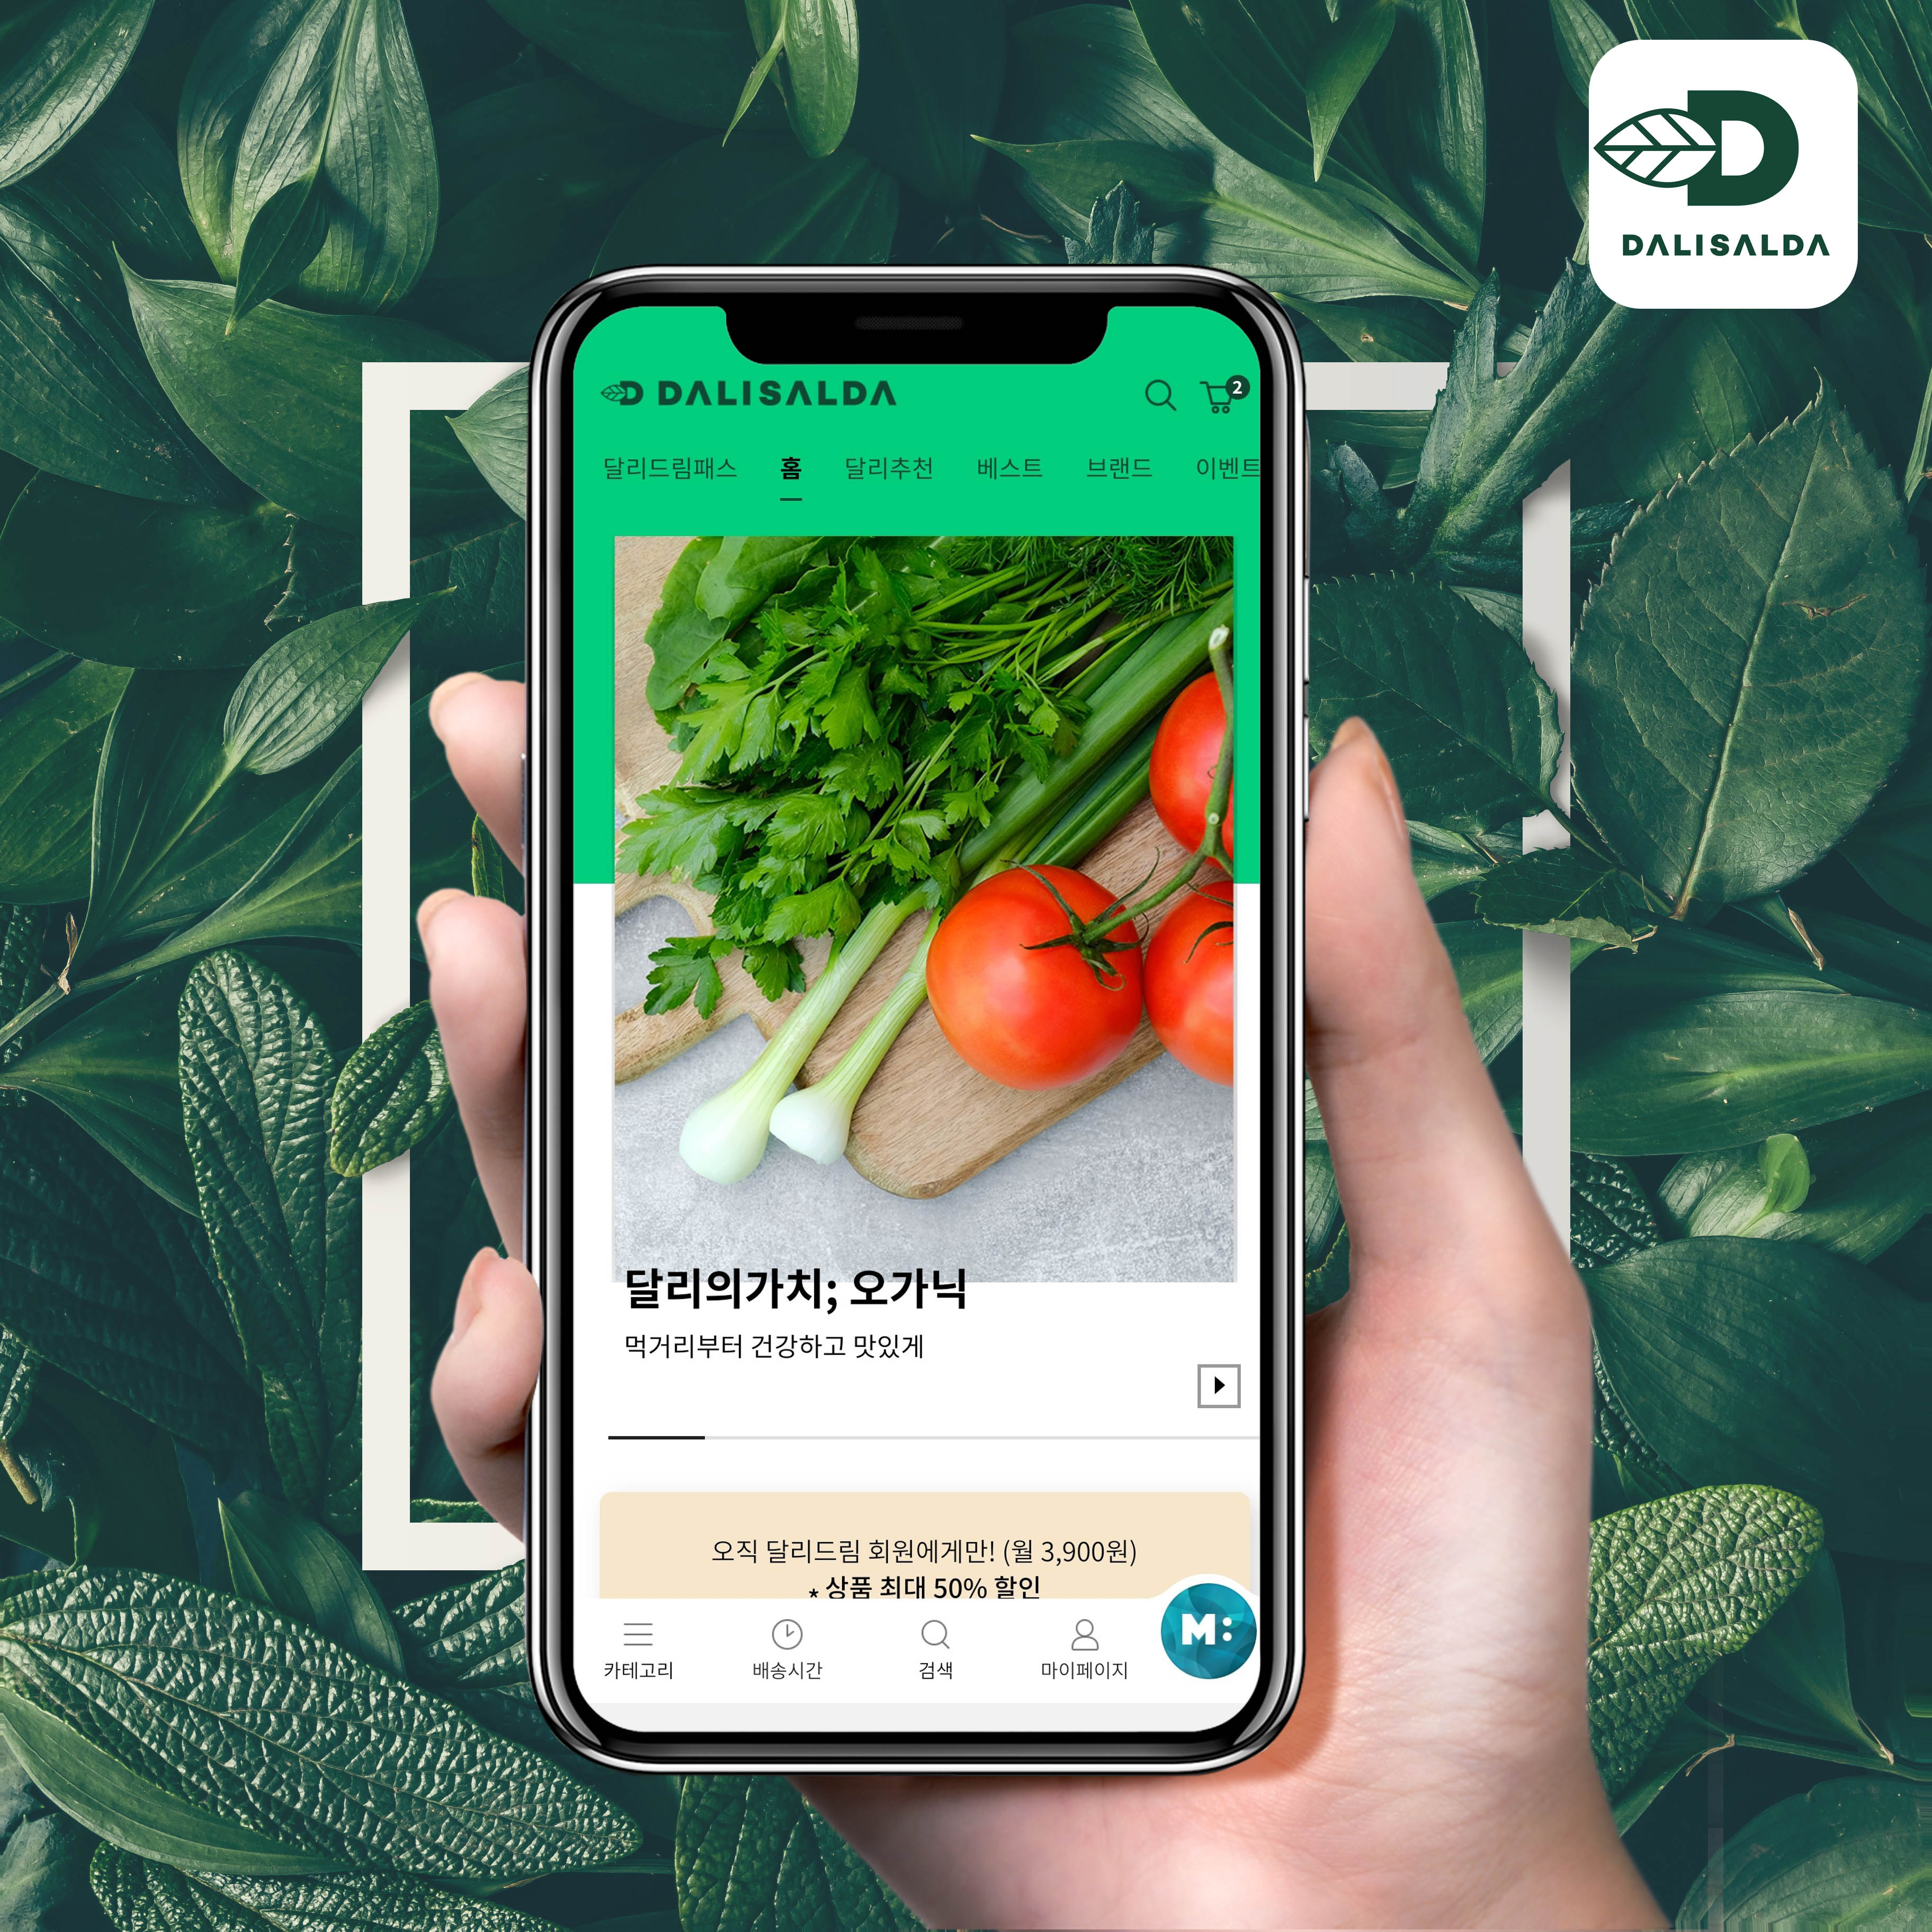 GS리테일, 멤버십 기반 유기농 전문몰 '달리살다' 신사업 론칭